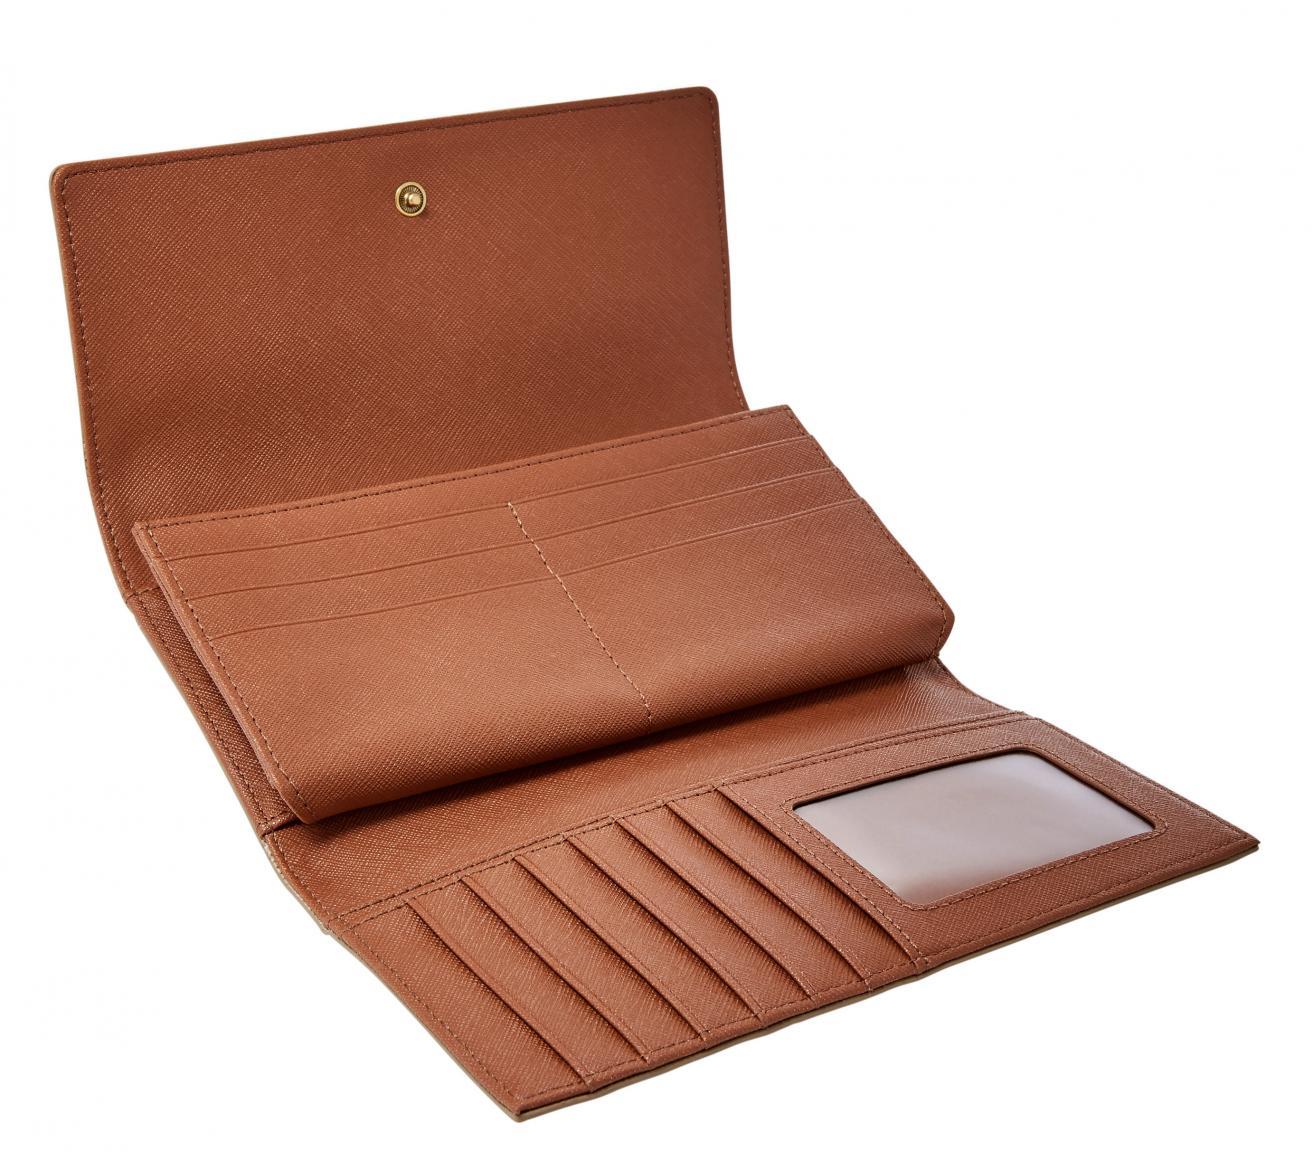 Fossil Überschlagbörse Emma Flap RFID Pale Gold Metallic